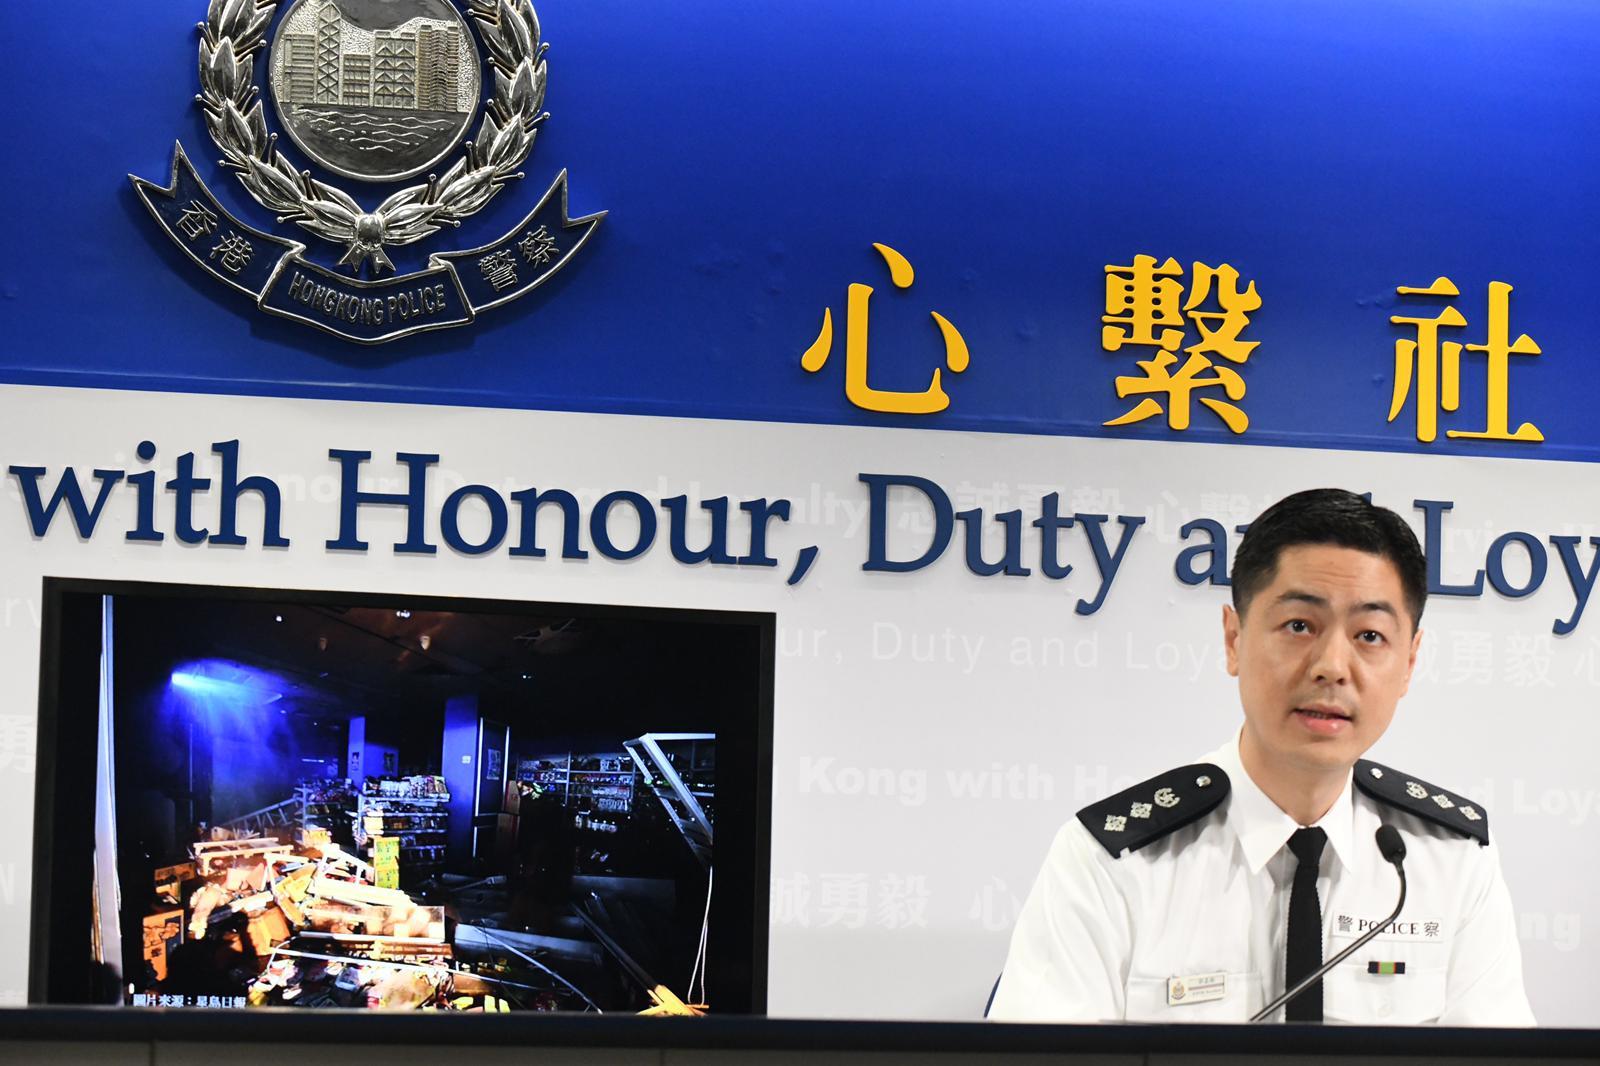 港警:周末共34人被捕 年龄介于13至50岁图片